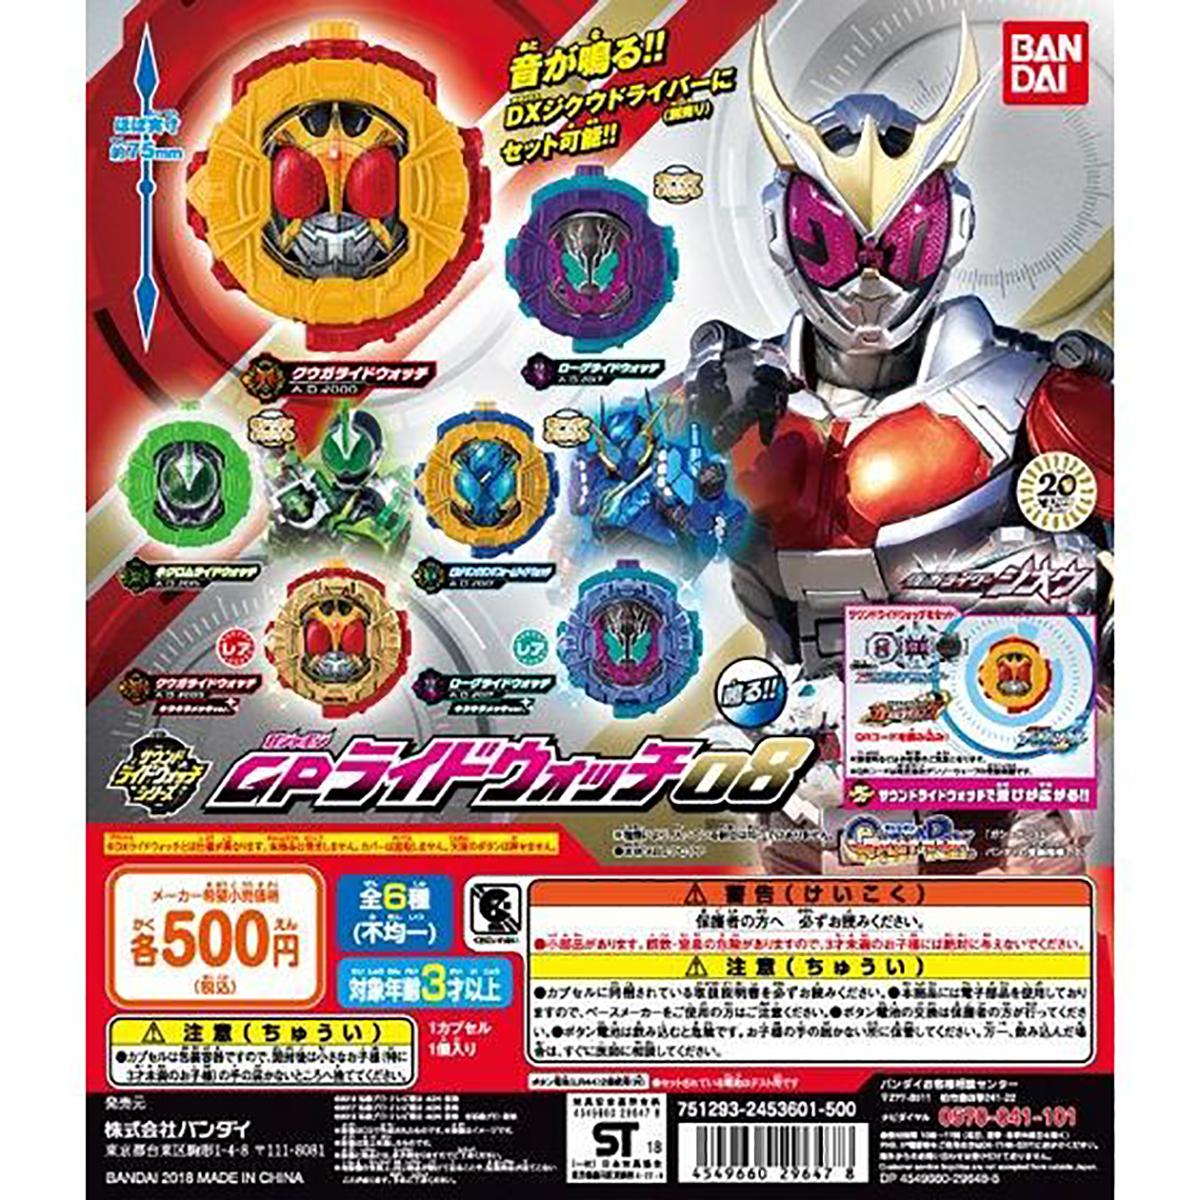 仮面ライダージオウ サウンドライドウォッチシリーズ『GPライドウォッチ08』ガシャポン-007